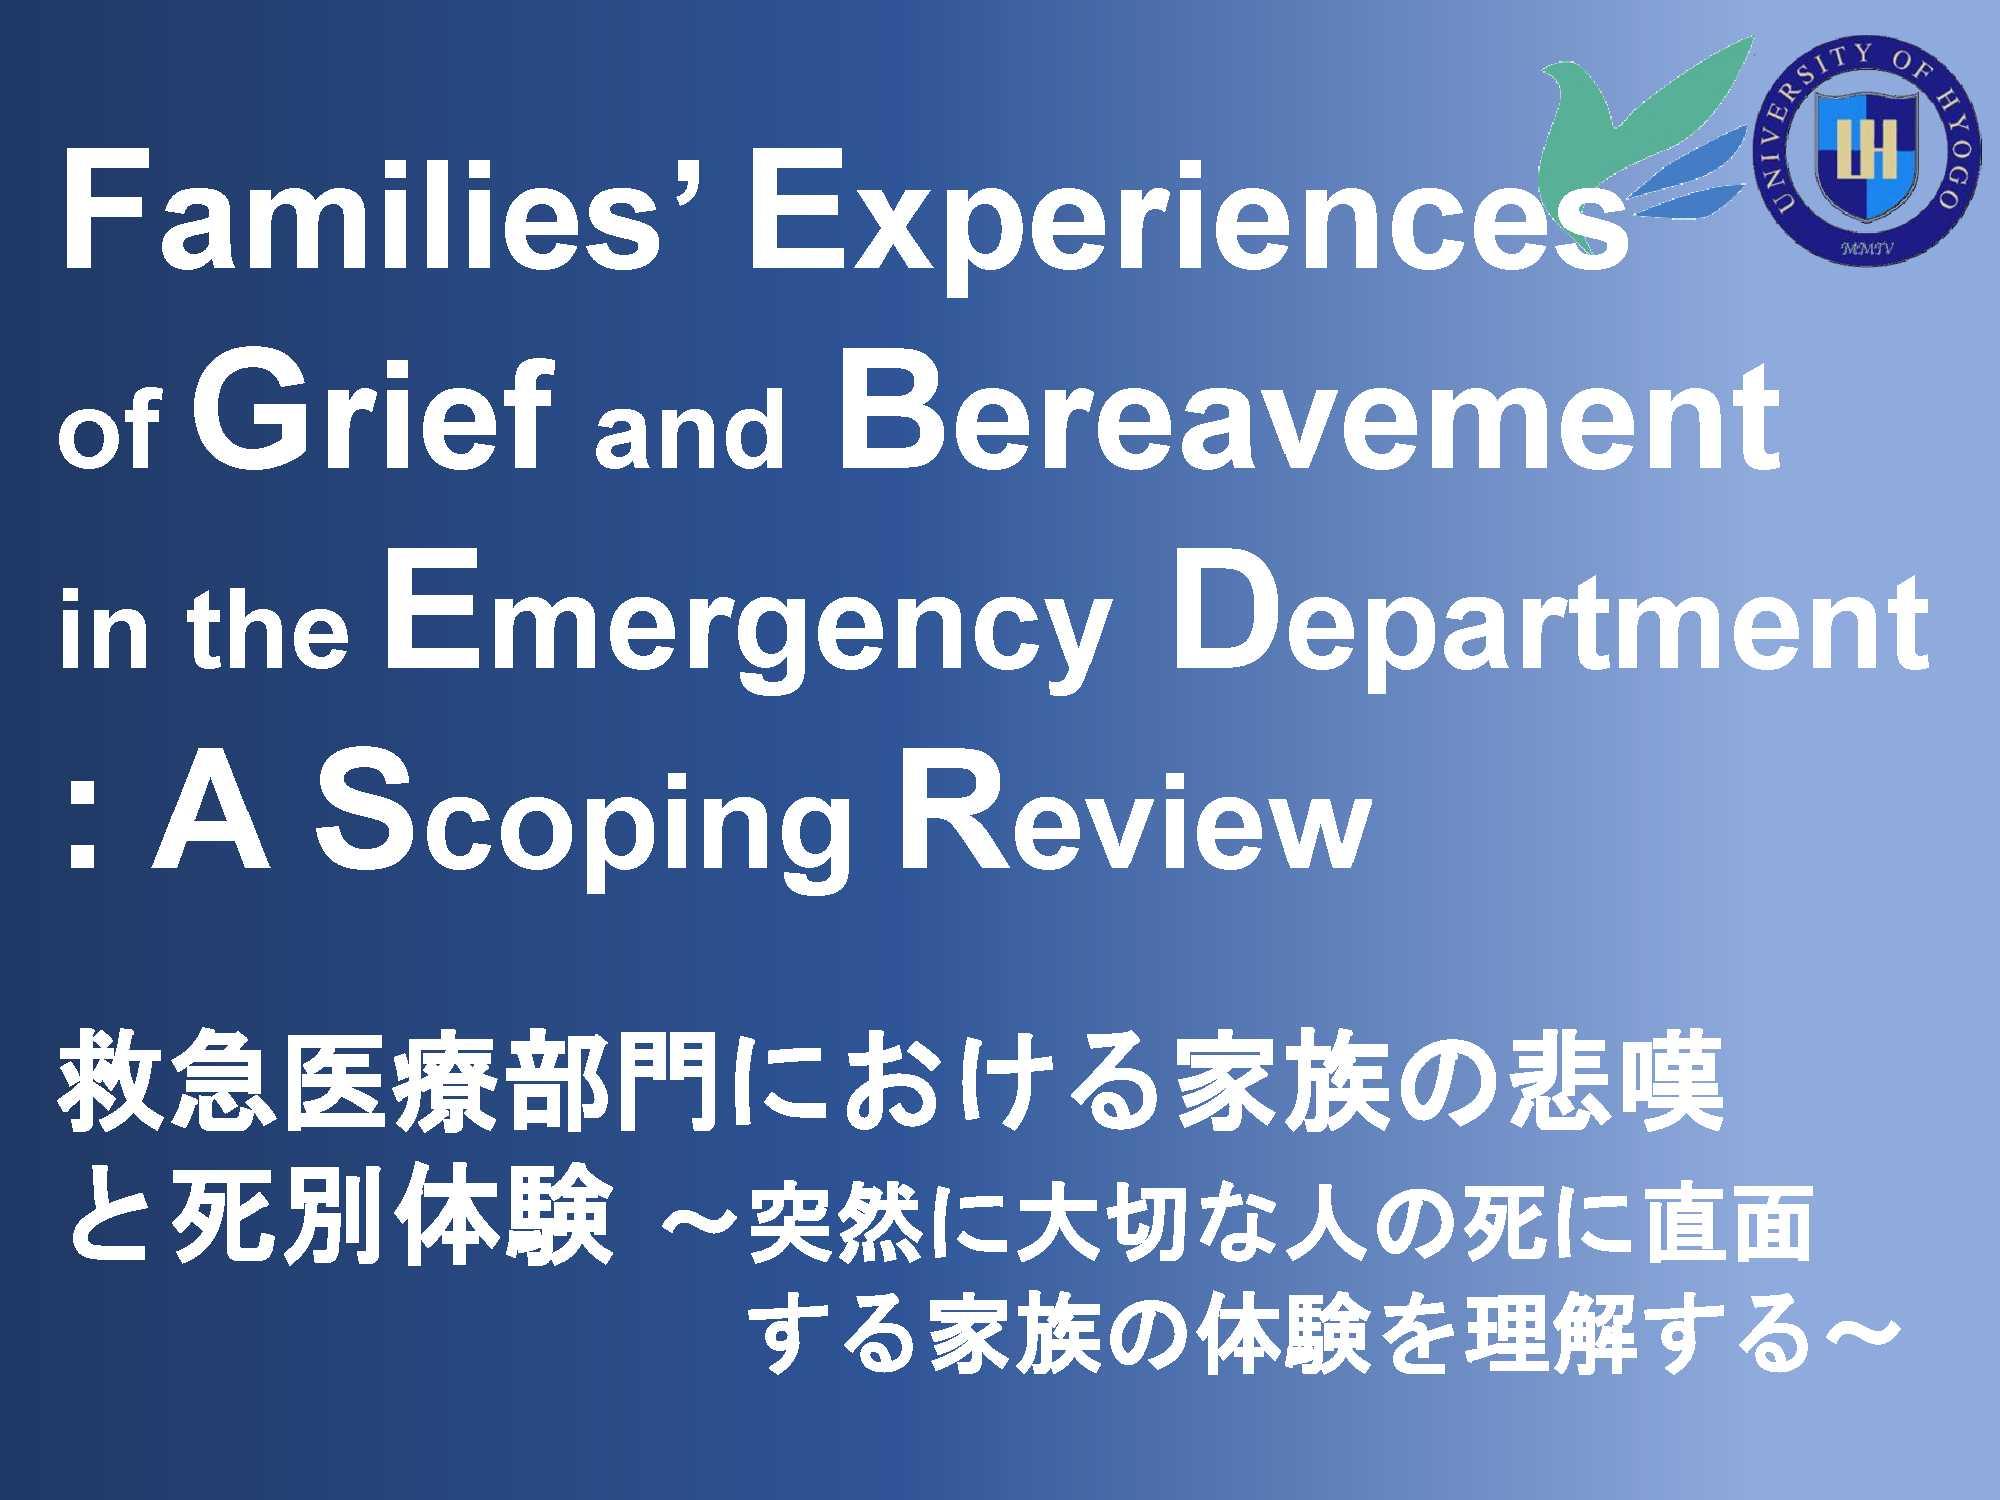 78 救急医療部門における家族の悲嘆と死別体験 ~突然に大切な人の死に直面する家族の体験を理解する~